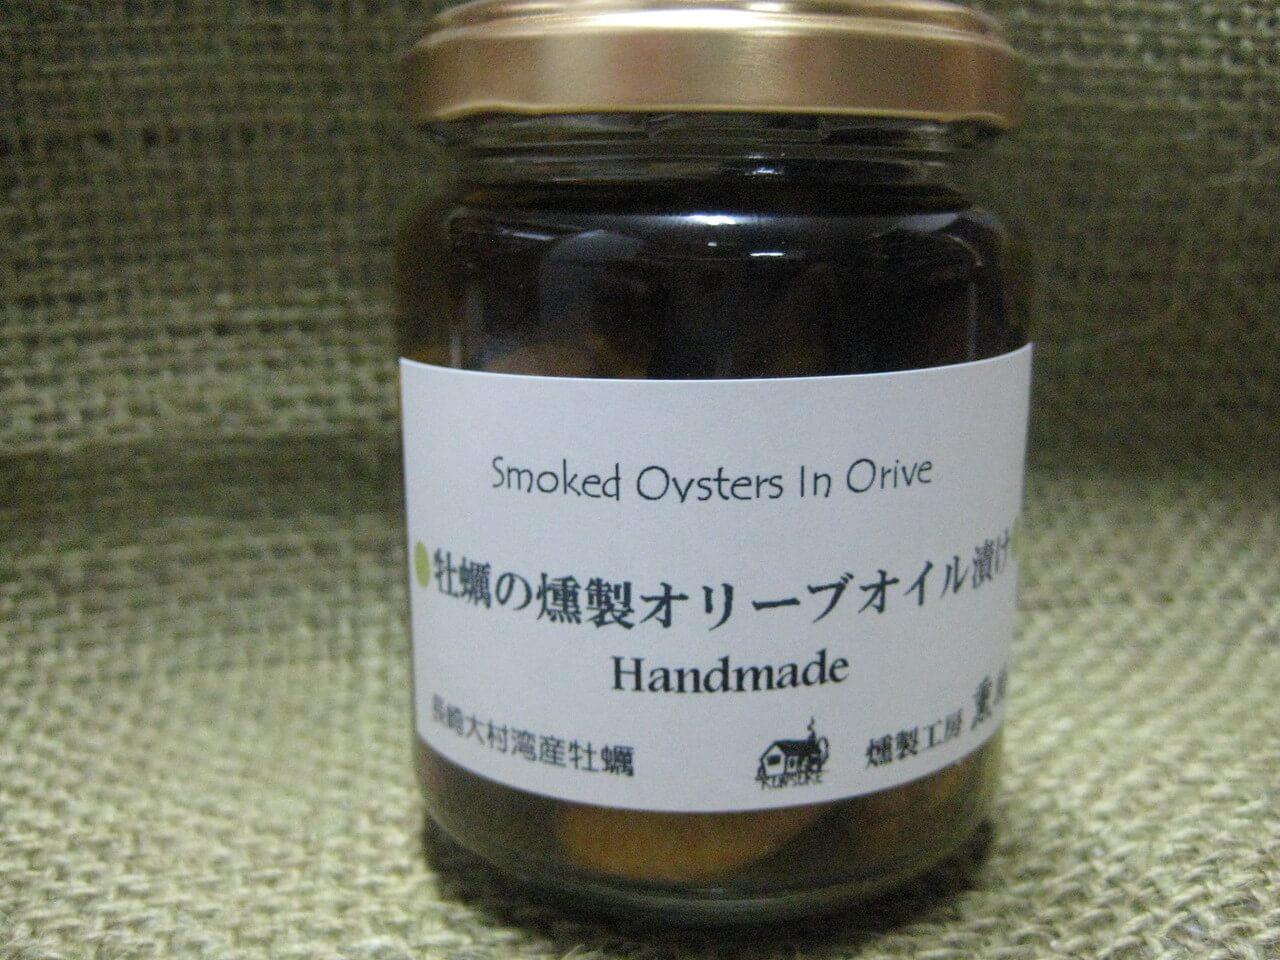 燻製工房熏助の牡蠣の燻製オリーブオイル漬け